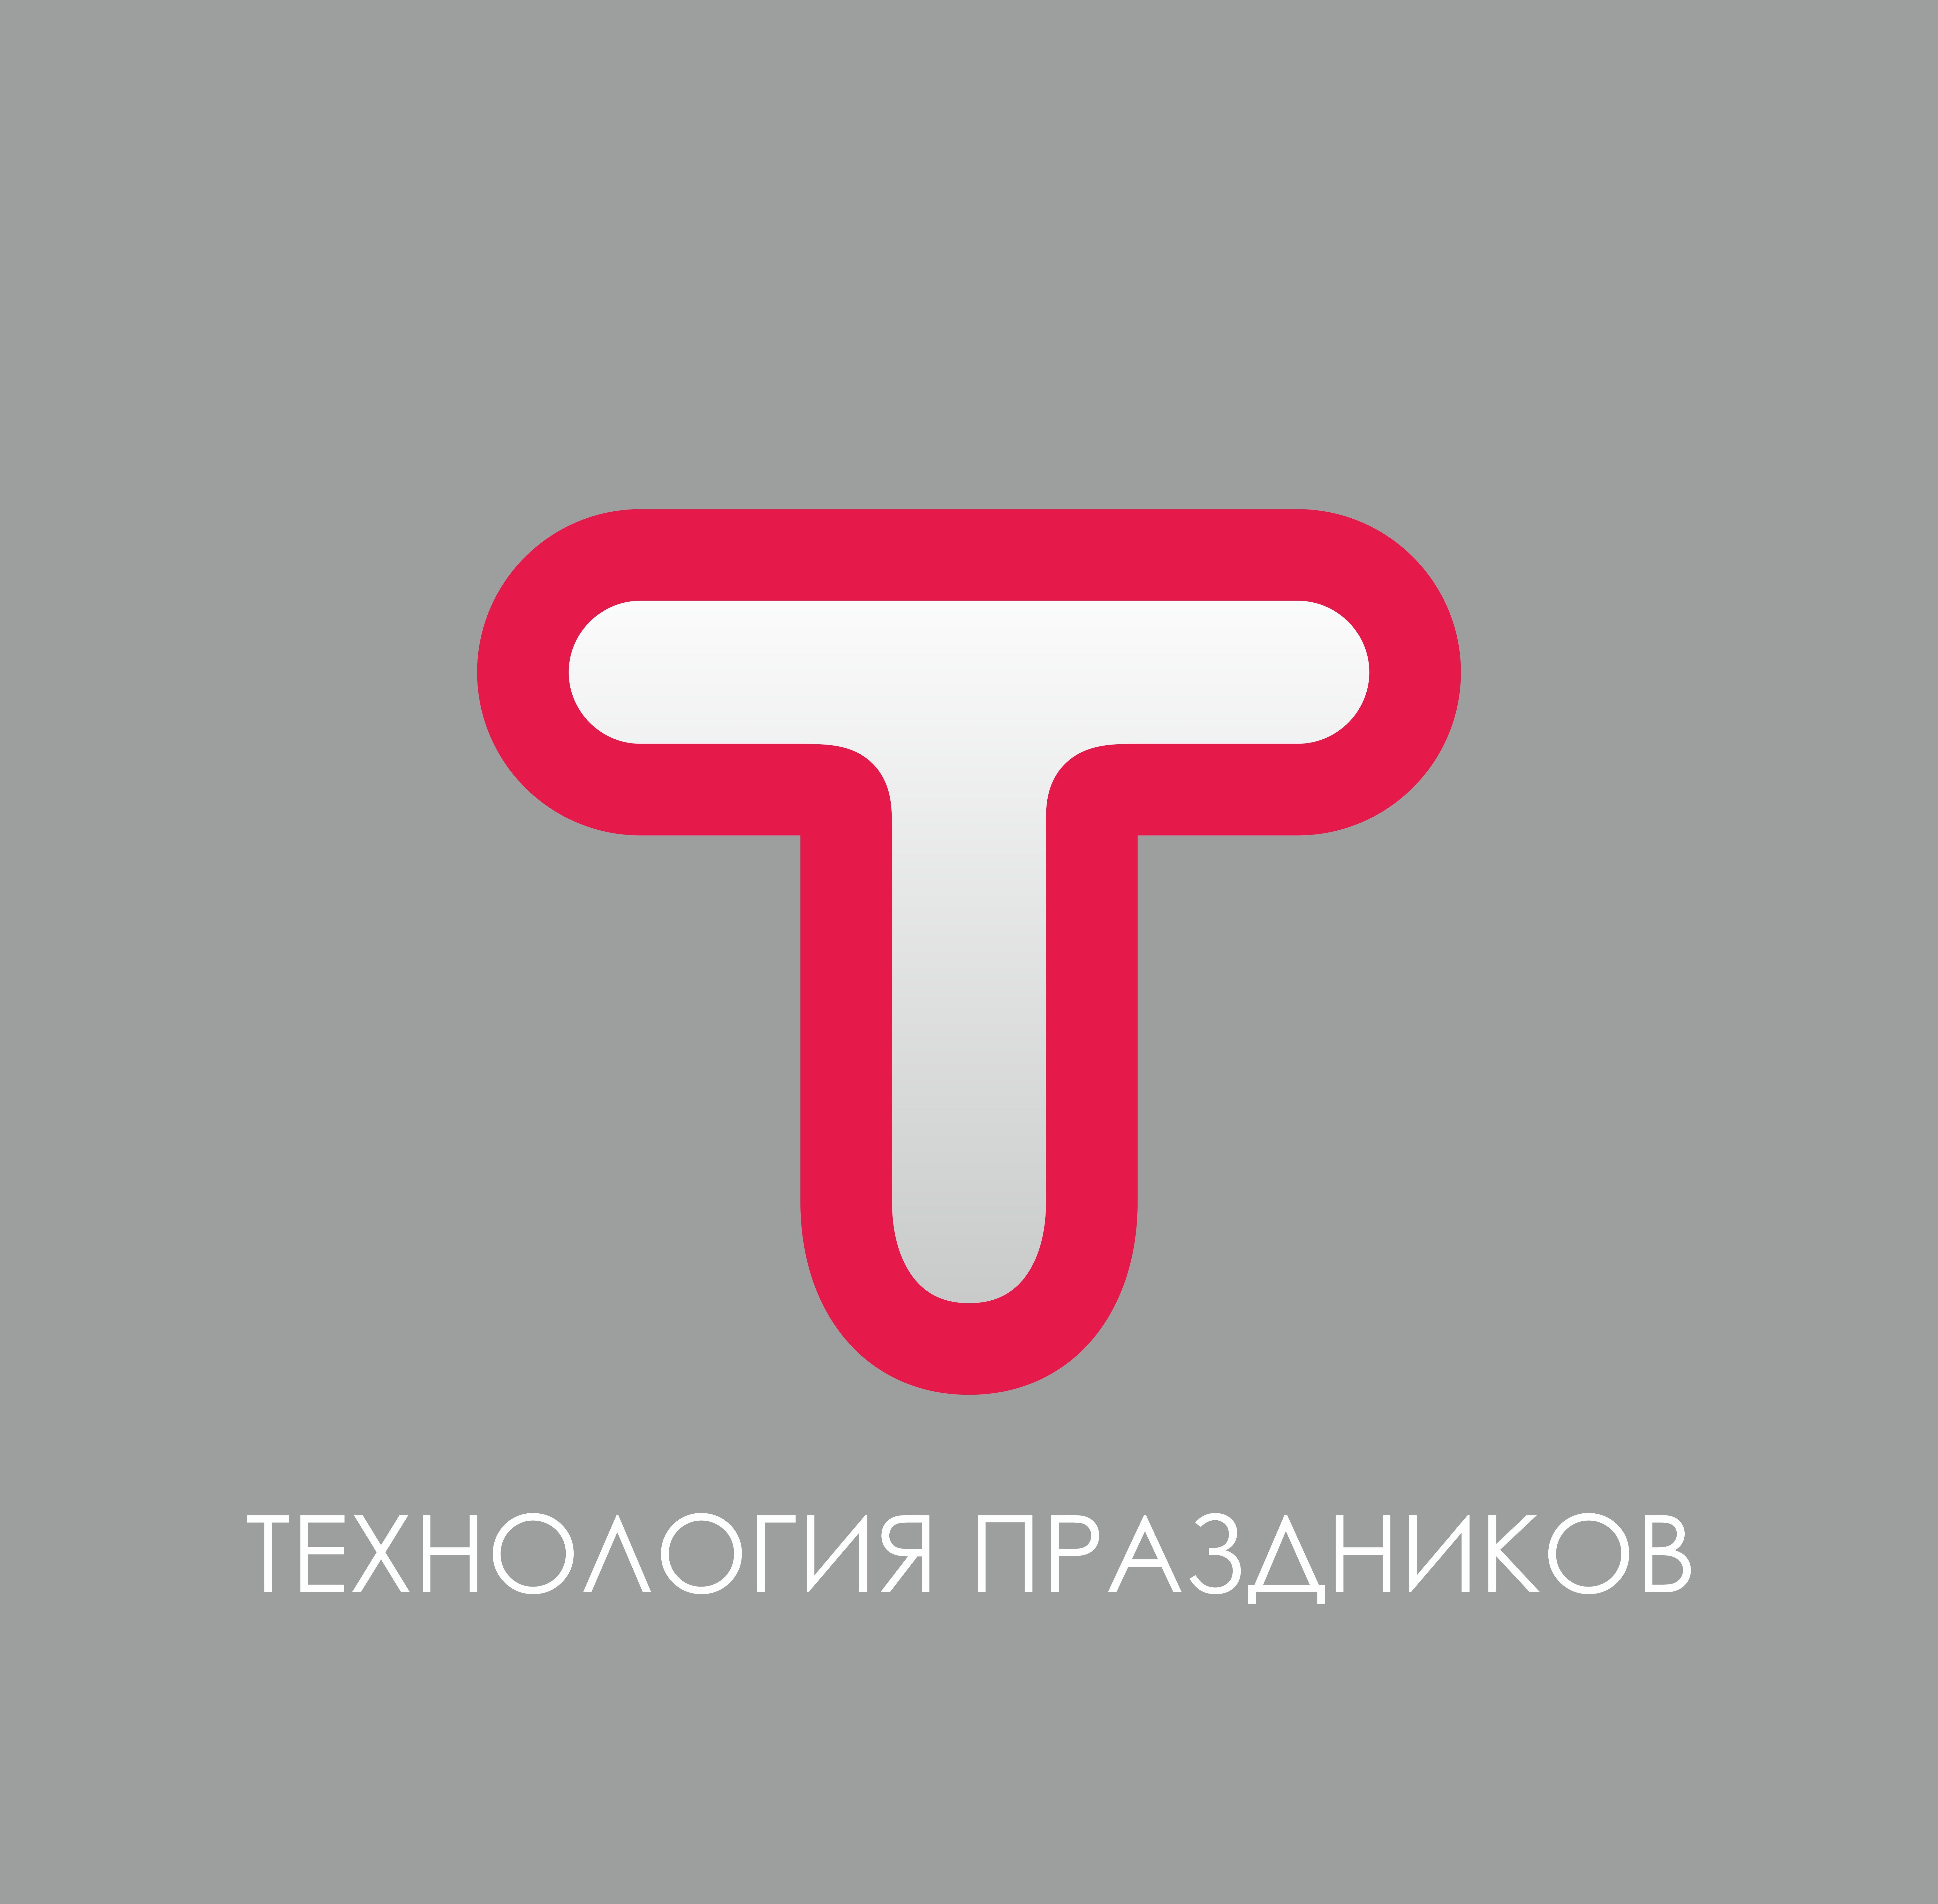 Придумать логотип и фирменный стиль - дизайнер romiolio